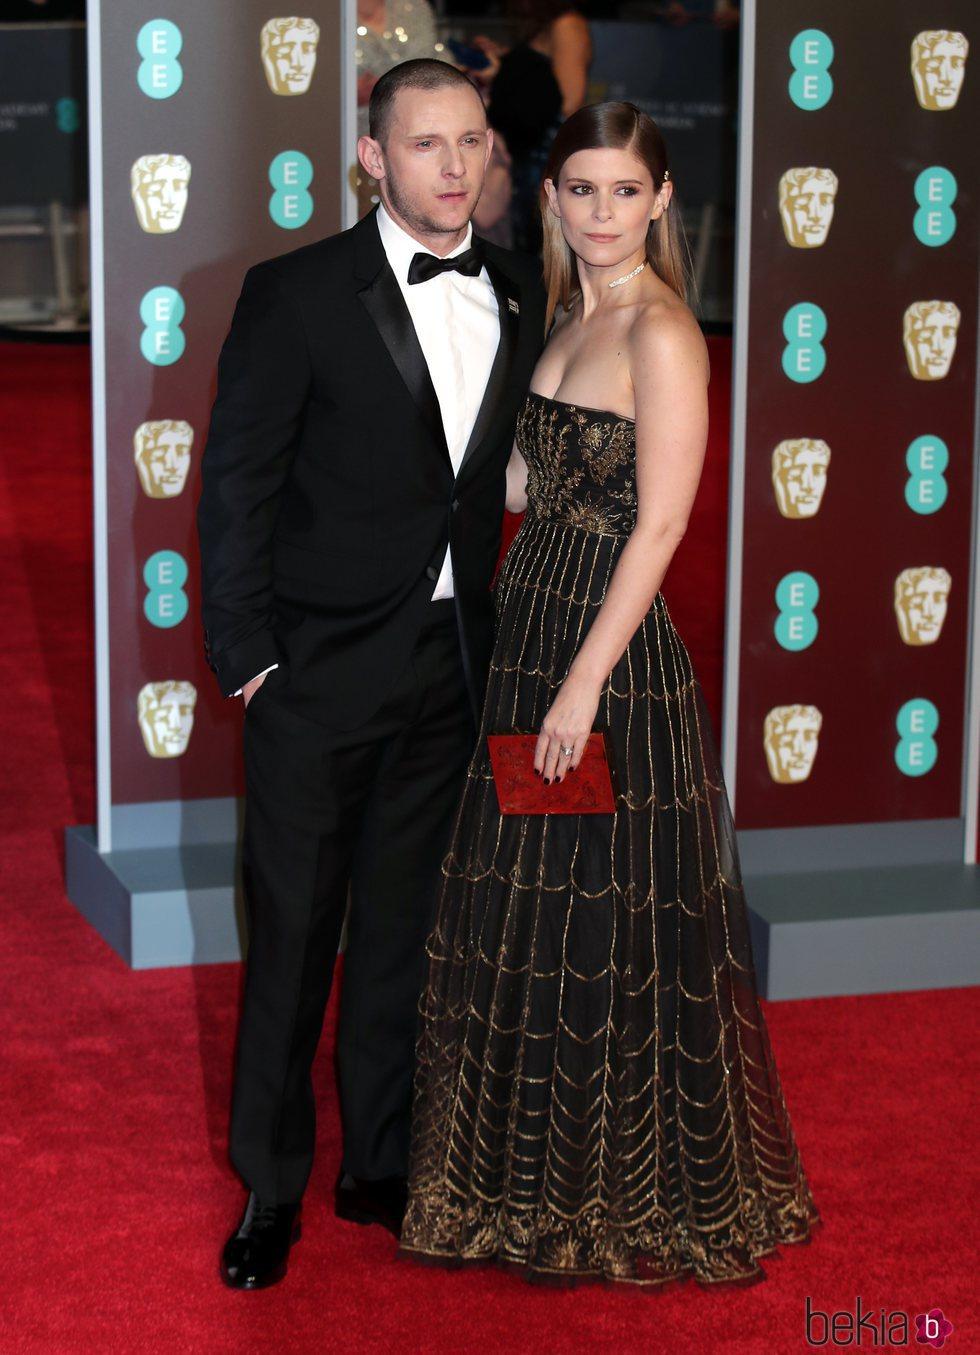 Jamie Bell y Kate Mara en la alfombra roja de los Premios BAFTA 2018